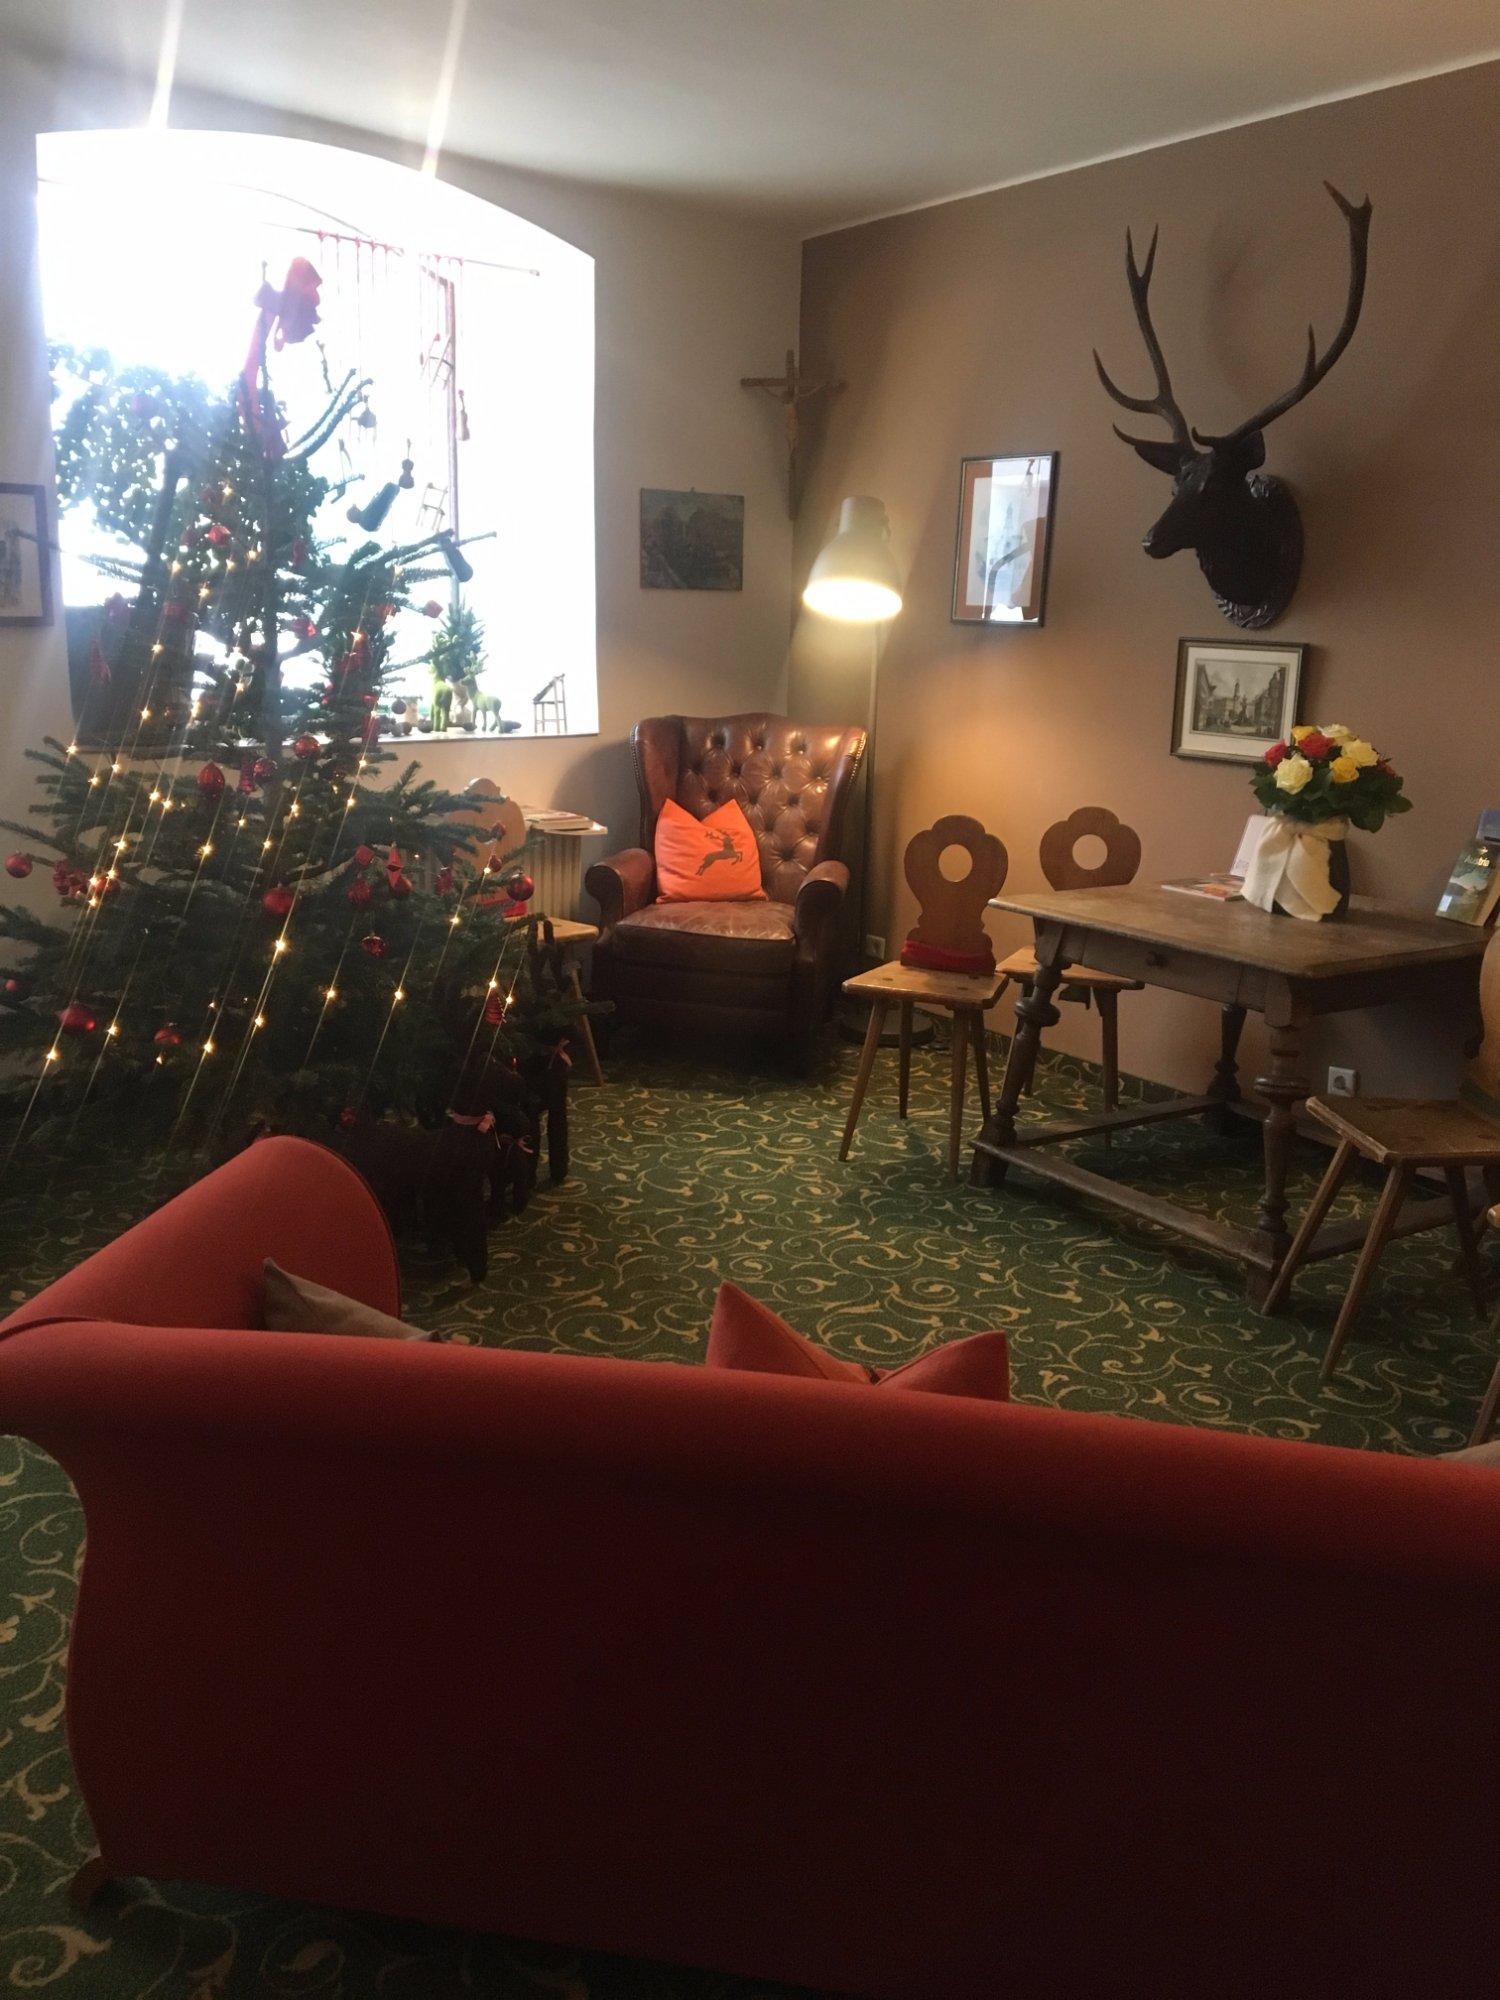 hotel weiße taube: bewertungen, fotos & preisvergleich (salzburg, Hause ideen